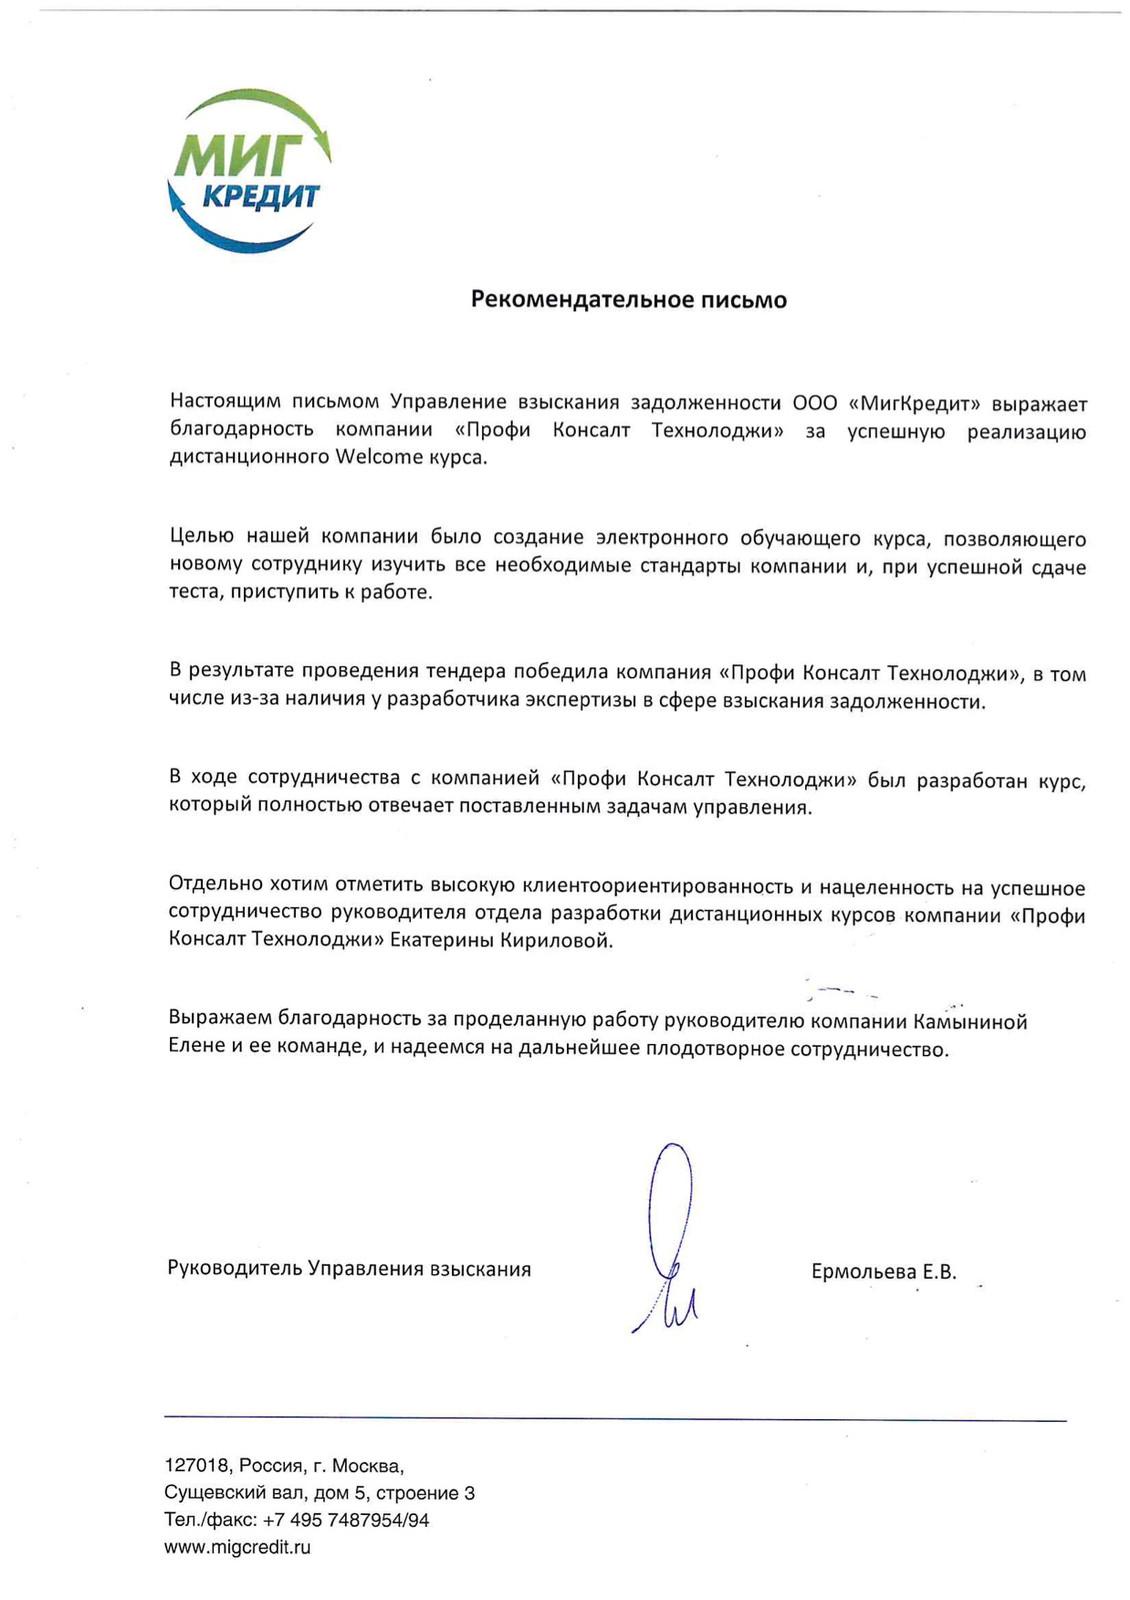 www migcredit ru погасить займ